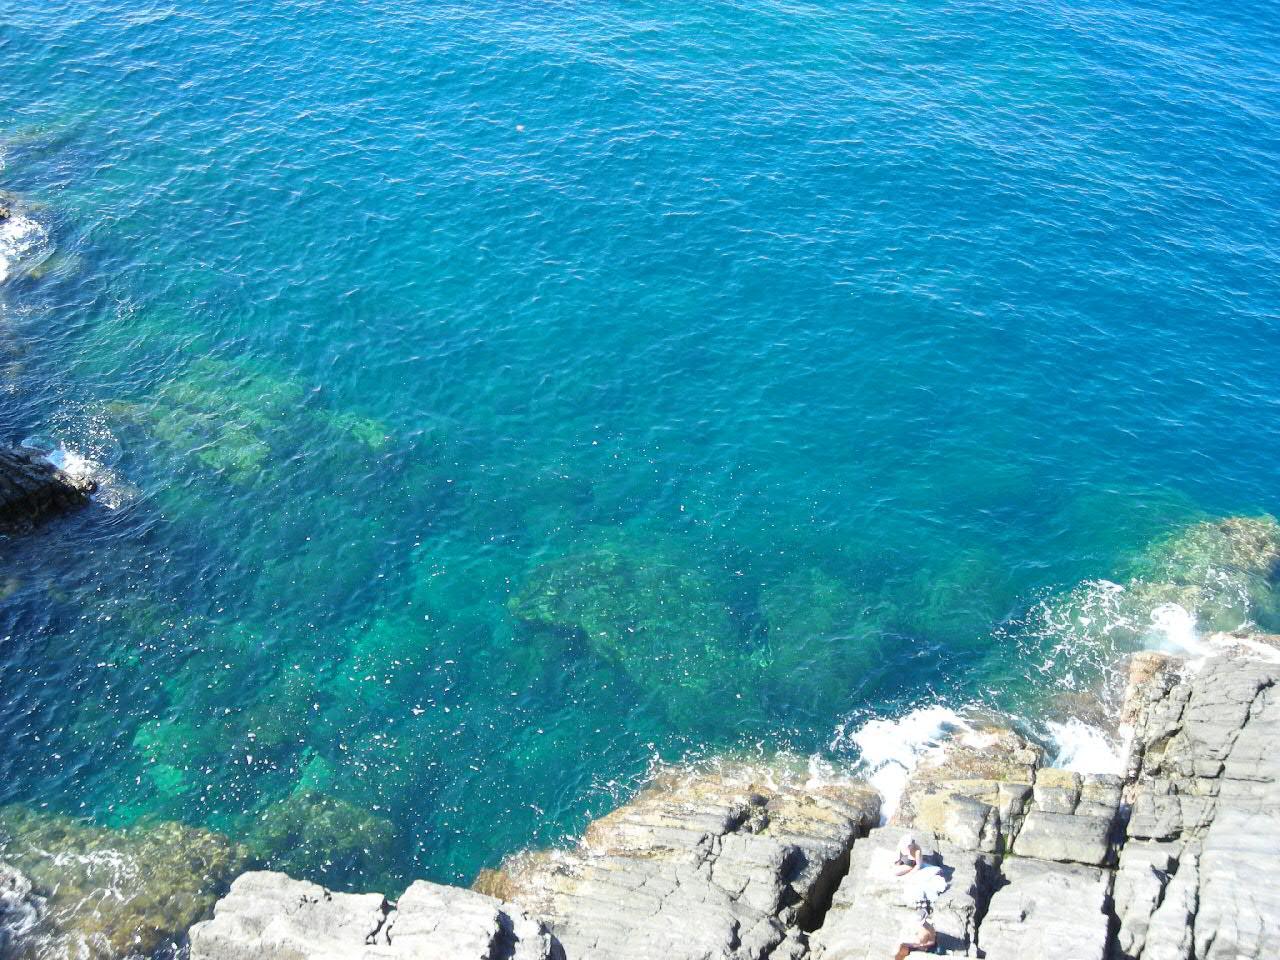 リオマッジョーレの綺麗な海